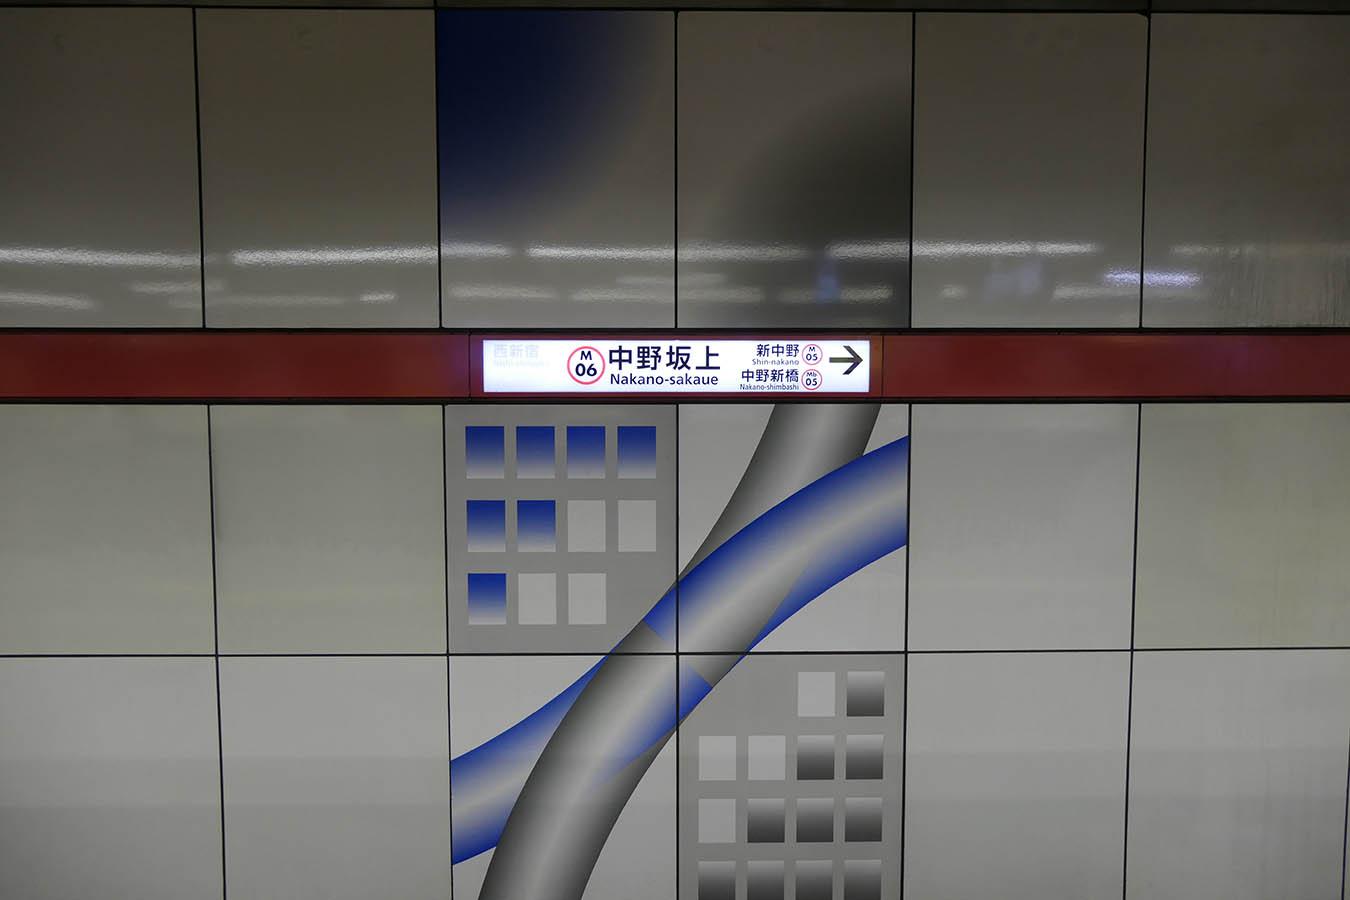 M06_photo07a.jpg